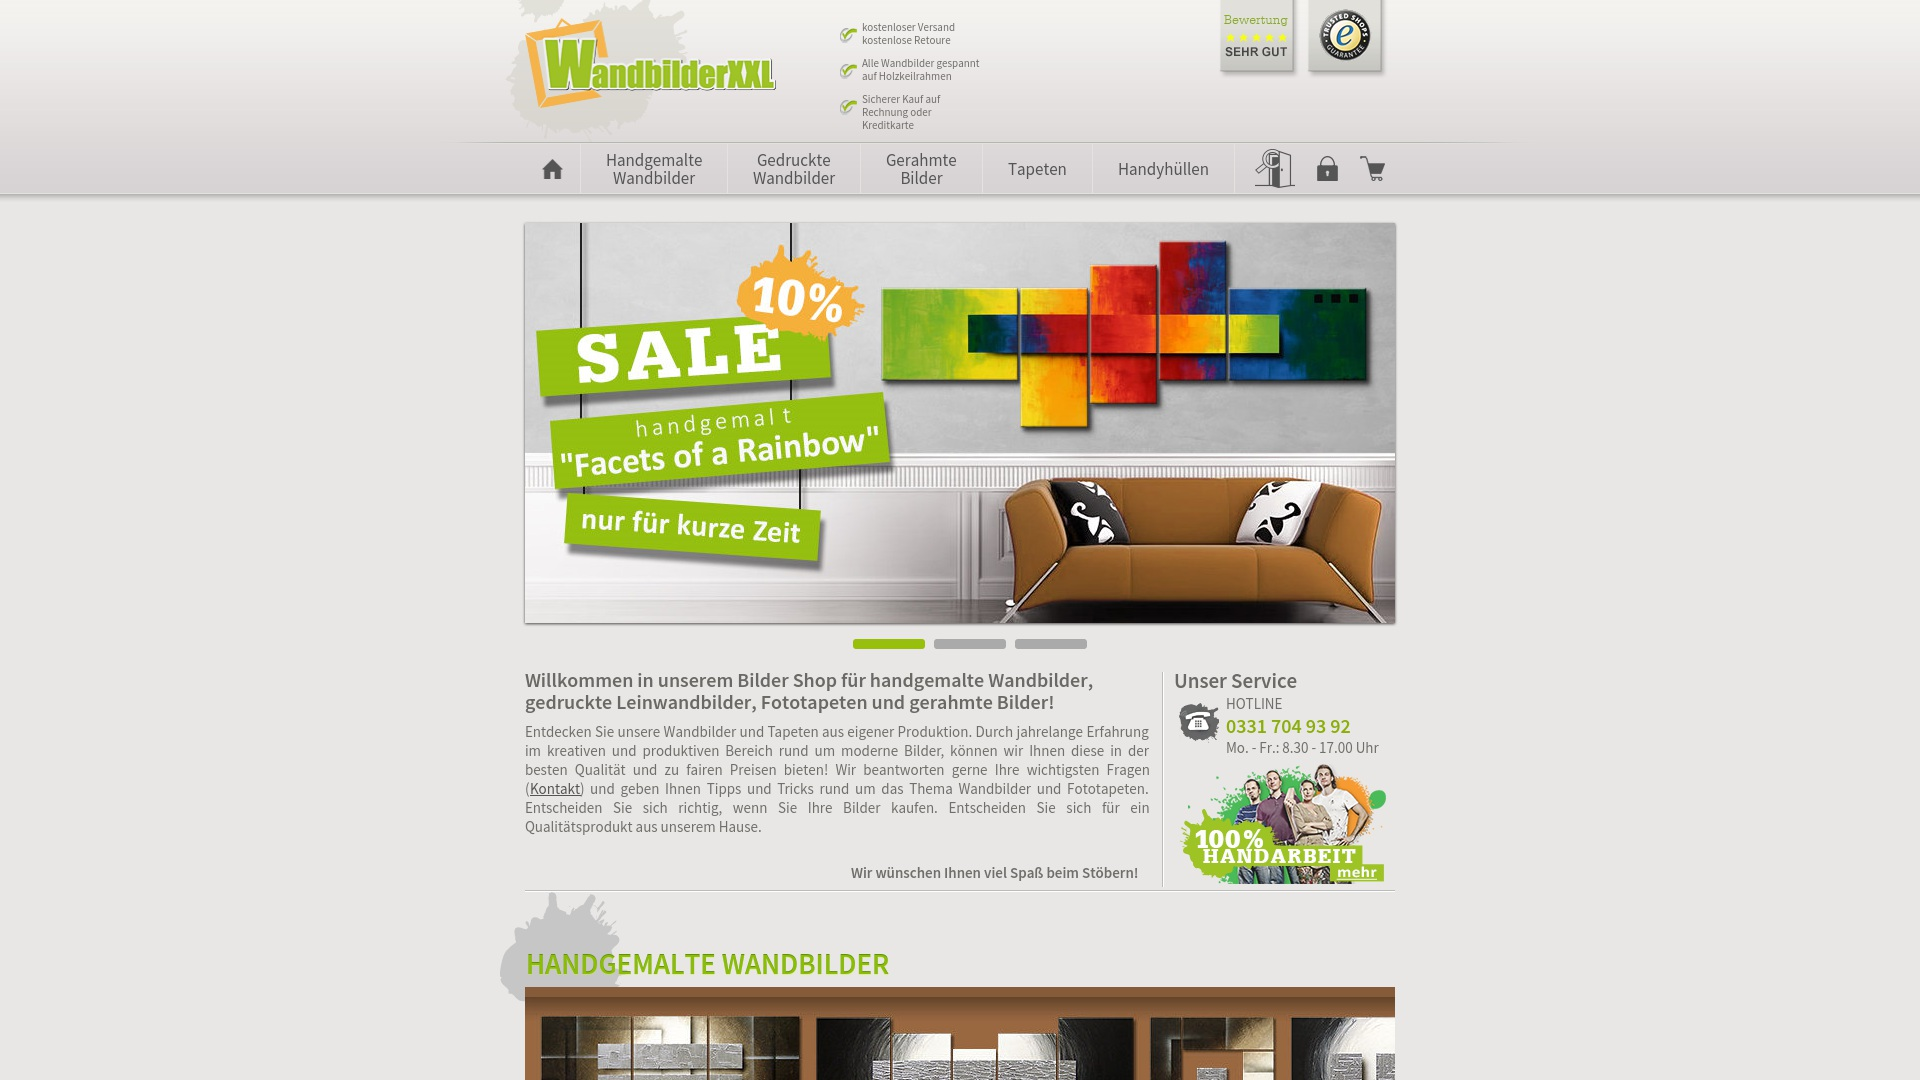 Gutschein für Wandbilderxxl: Rabatte für  Wandbilderxxl sichern